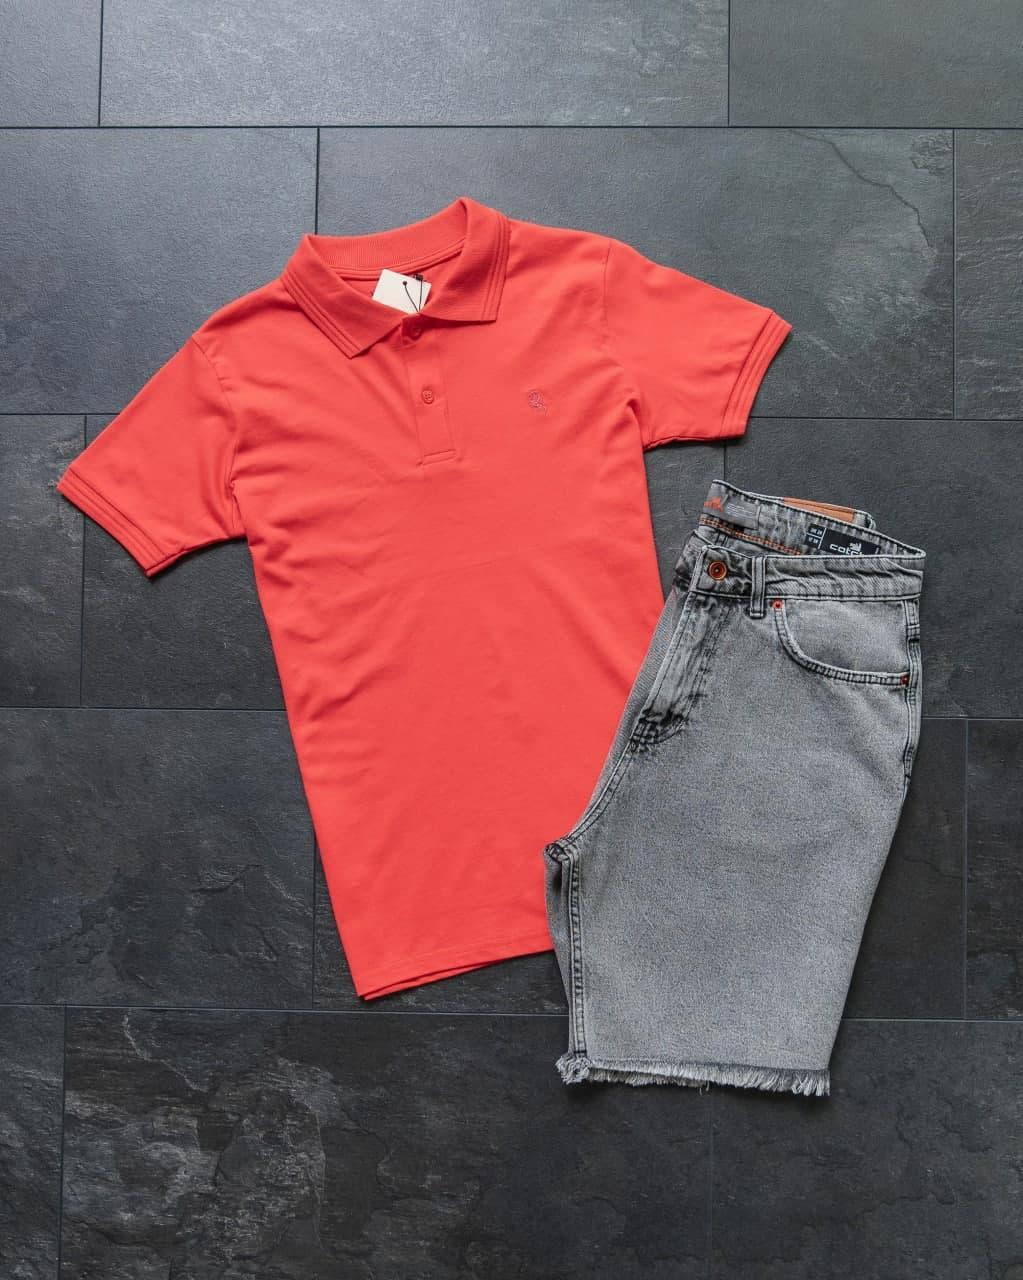 Чоловічий класичний/спортивний костюм/комплект червоний літо. Поло+шорти коттонТурция